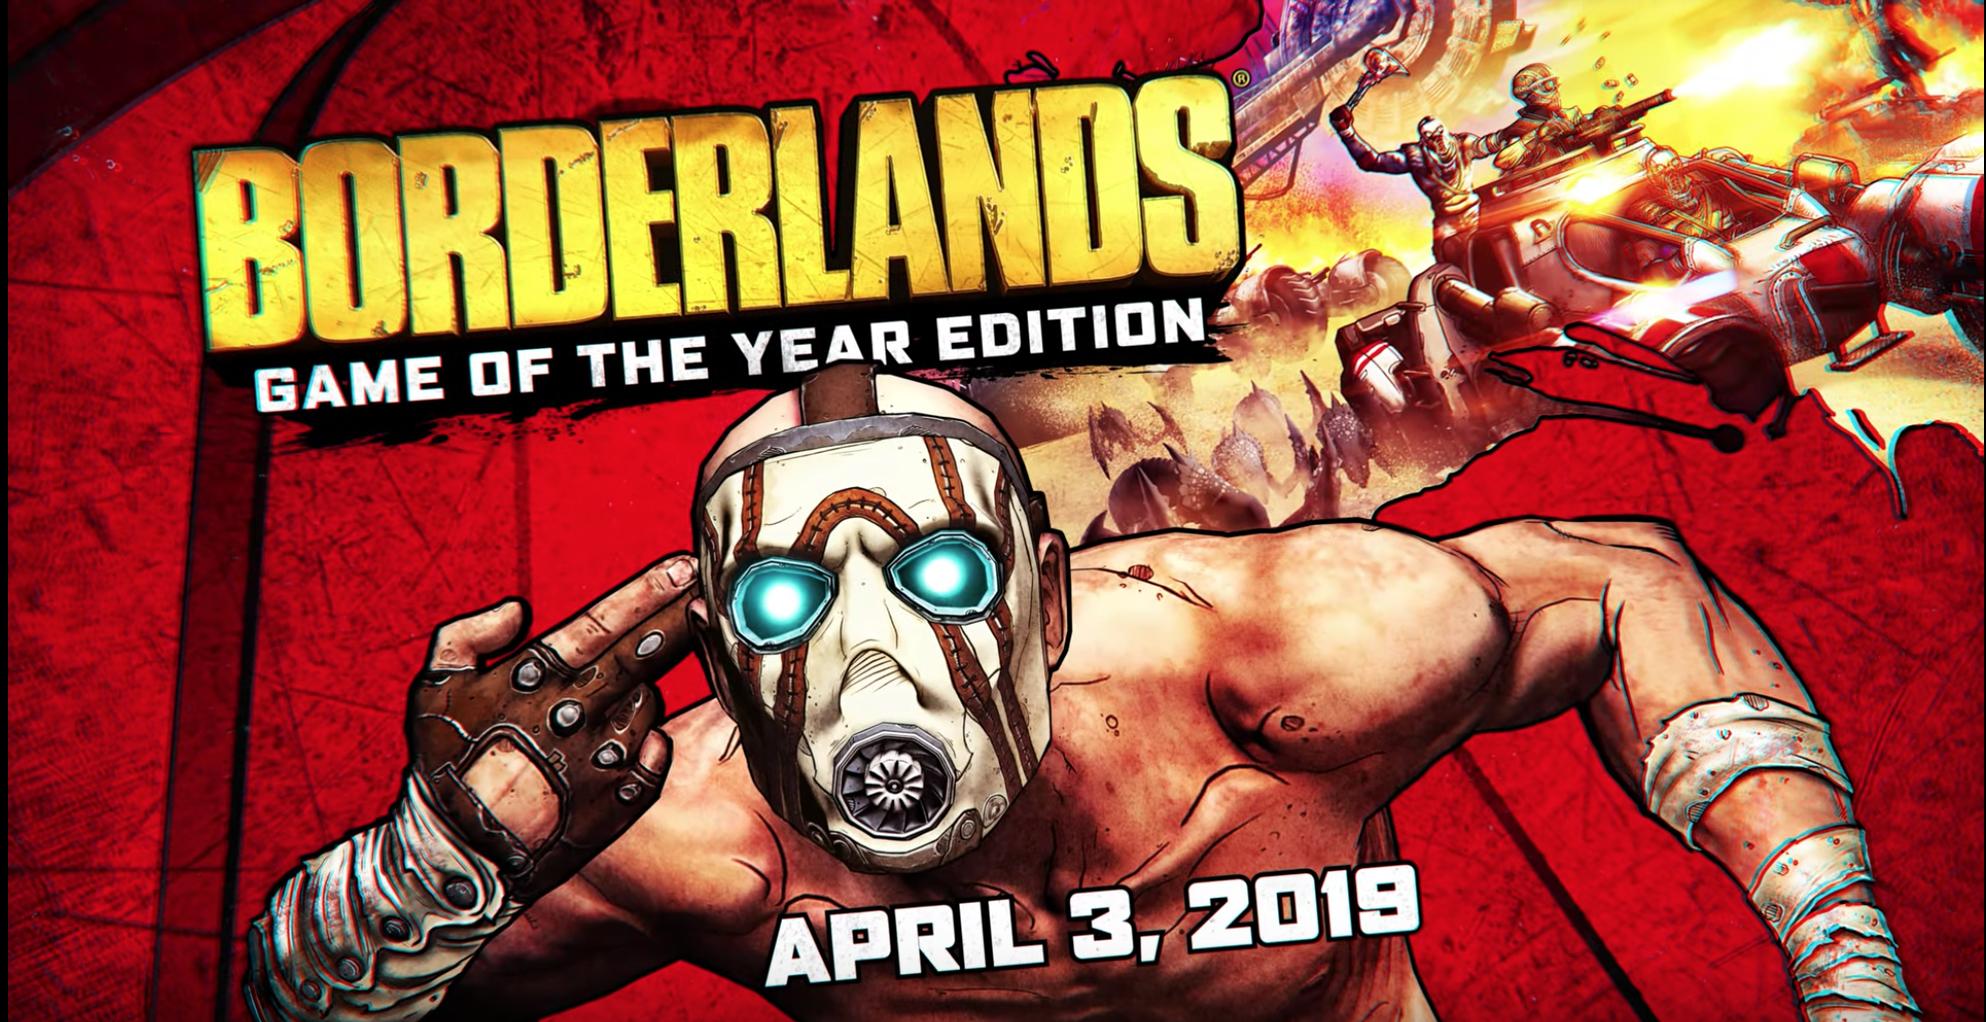 تماشا کنید: از نسخه بازی سال Borderlands و کالکشن Handsome رونمایی شد